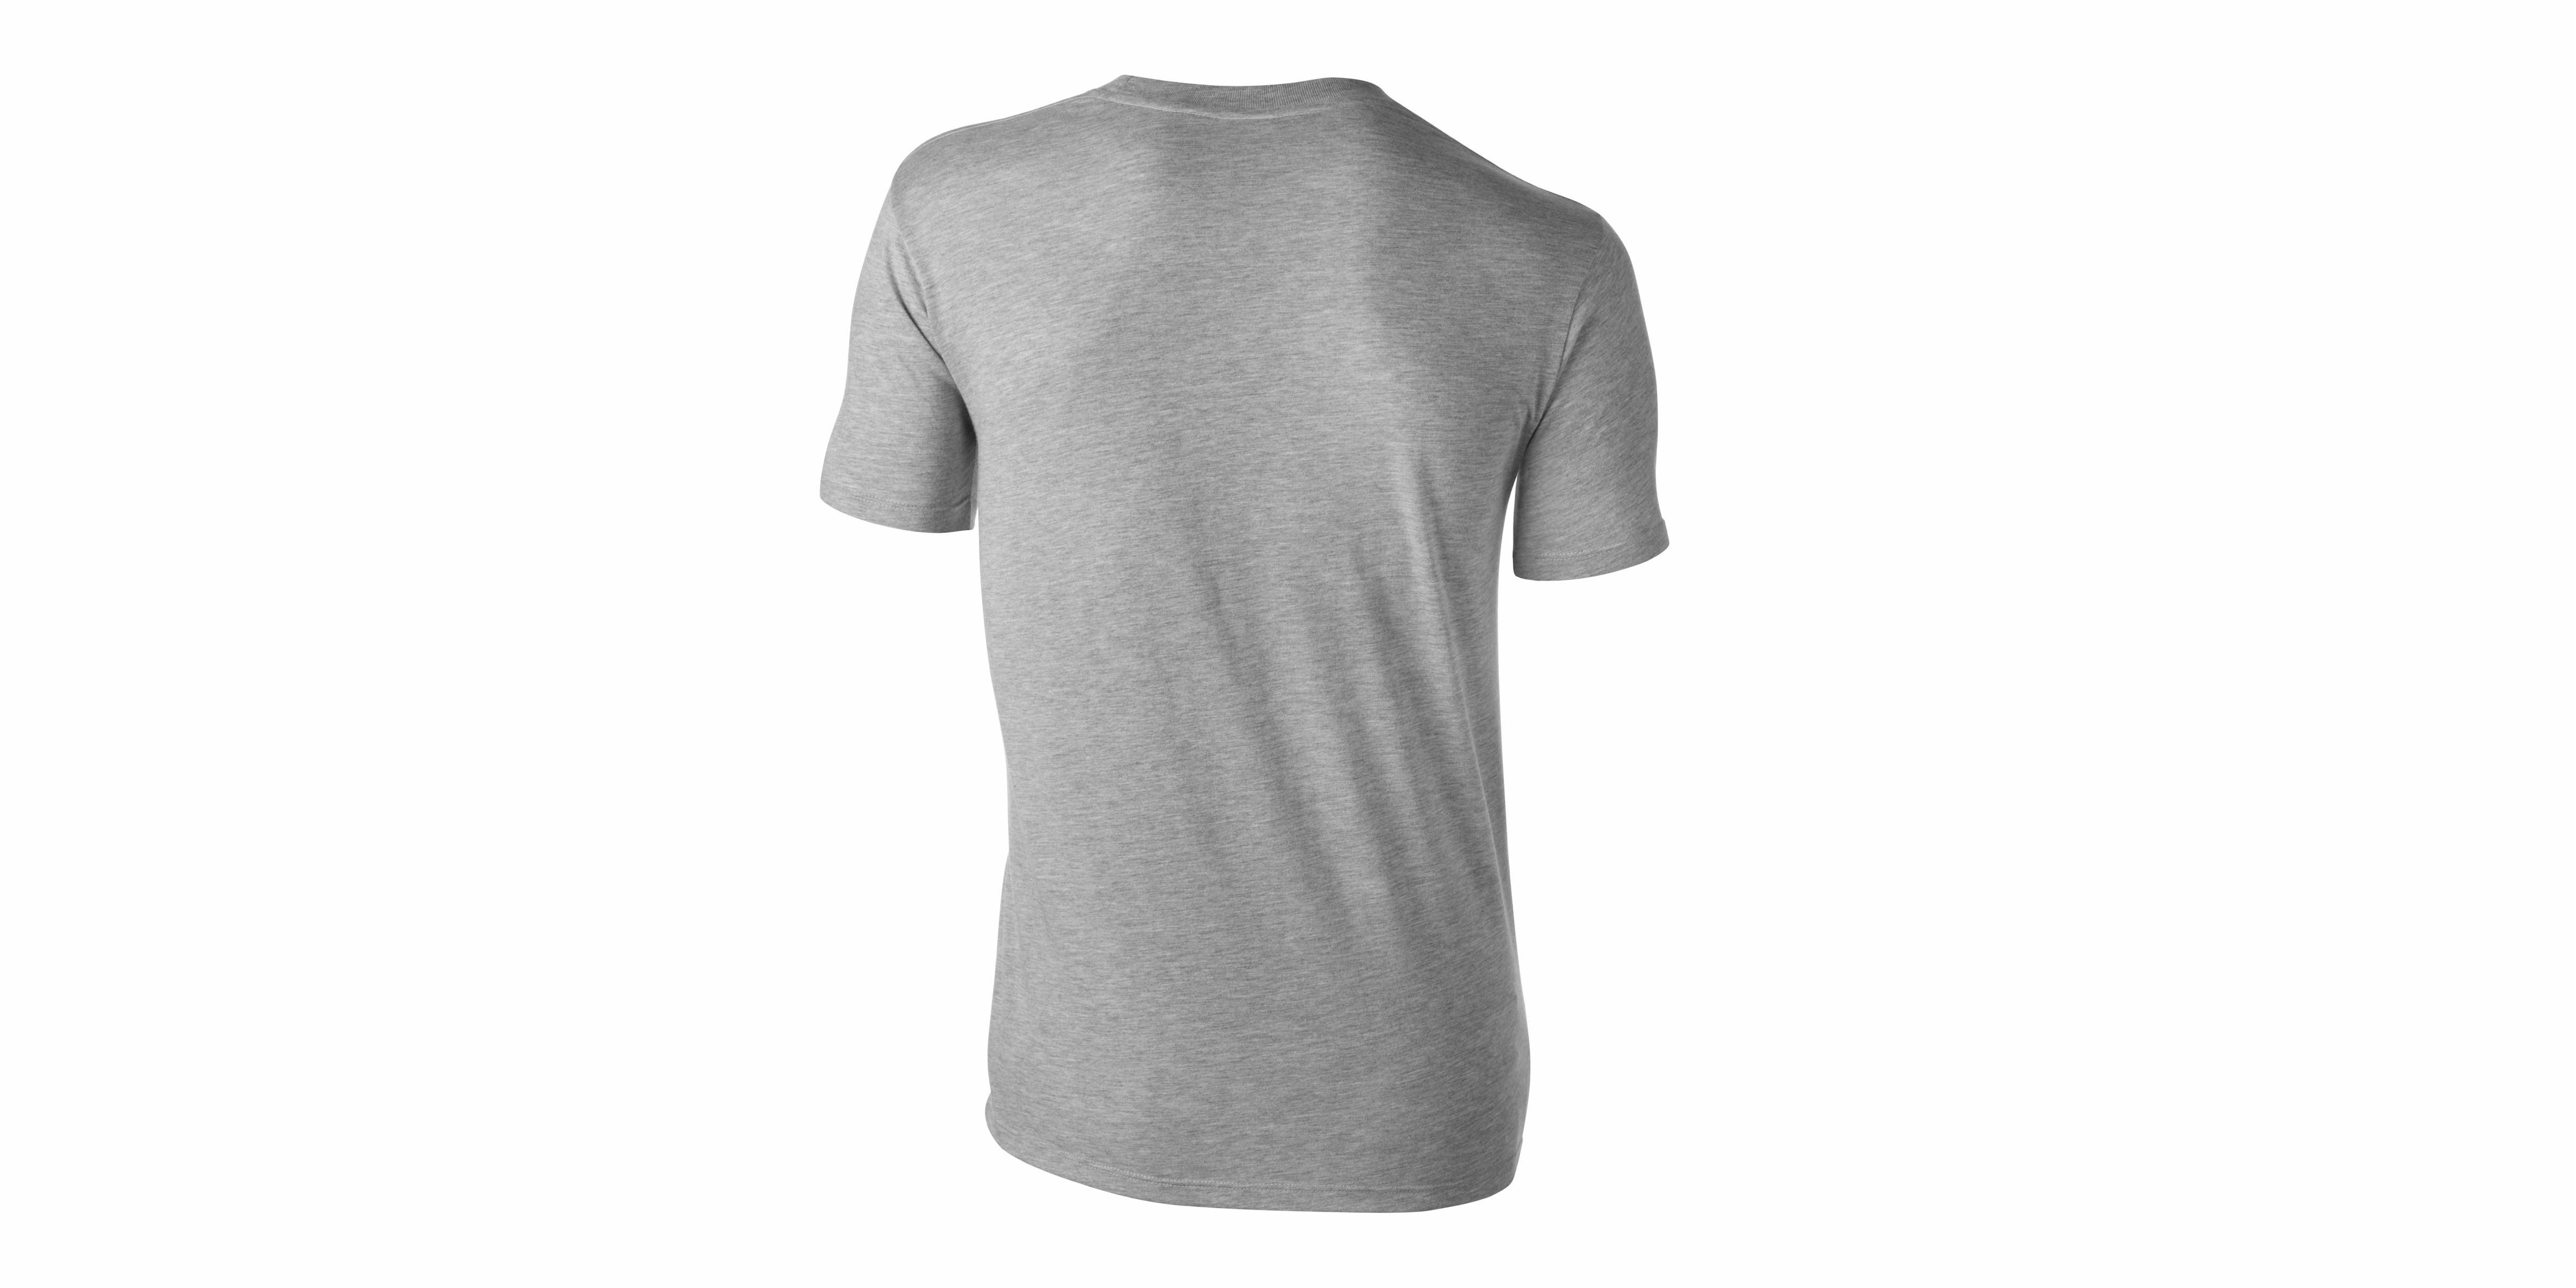 T-Shirt MYBYM Schwarz auf Grau Männer Small